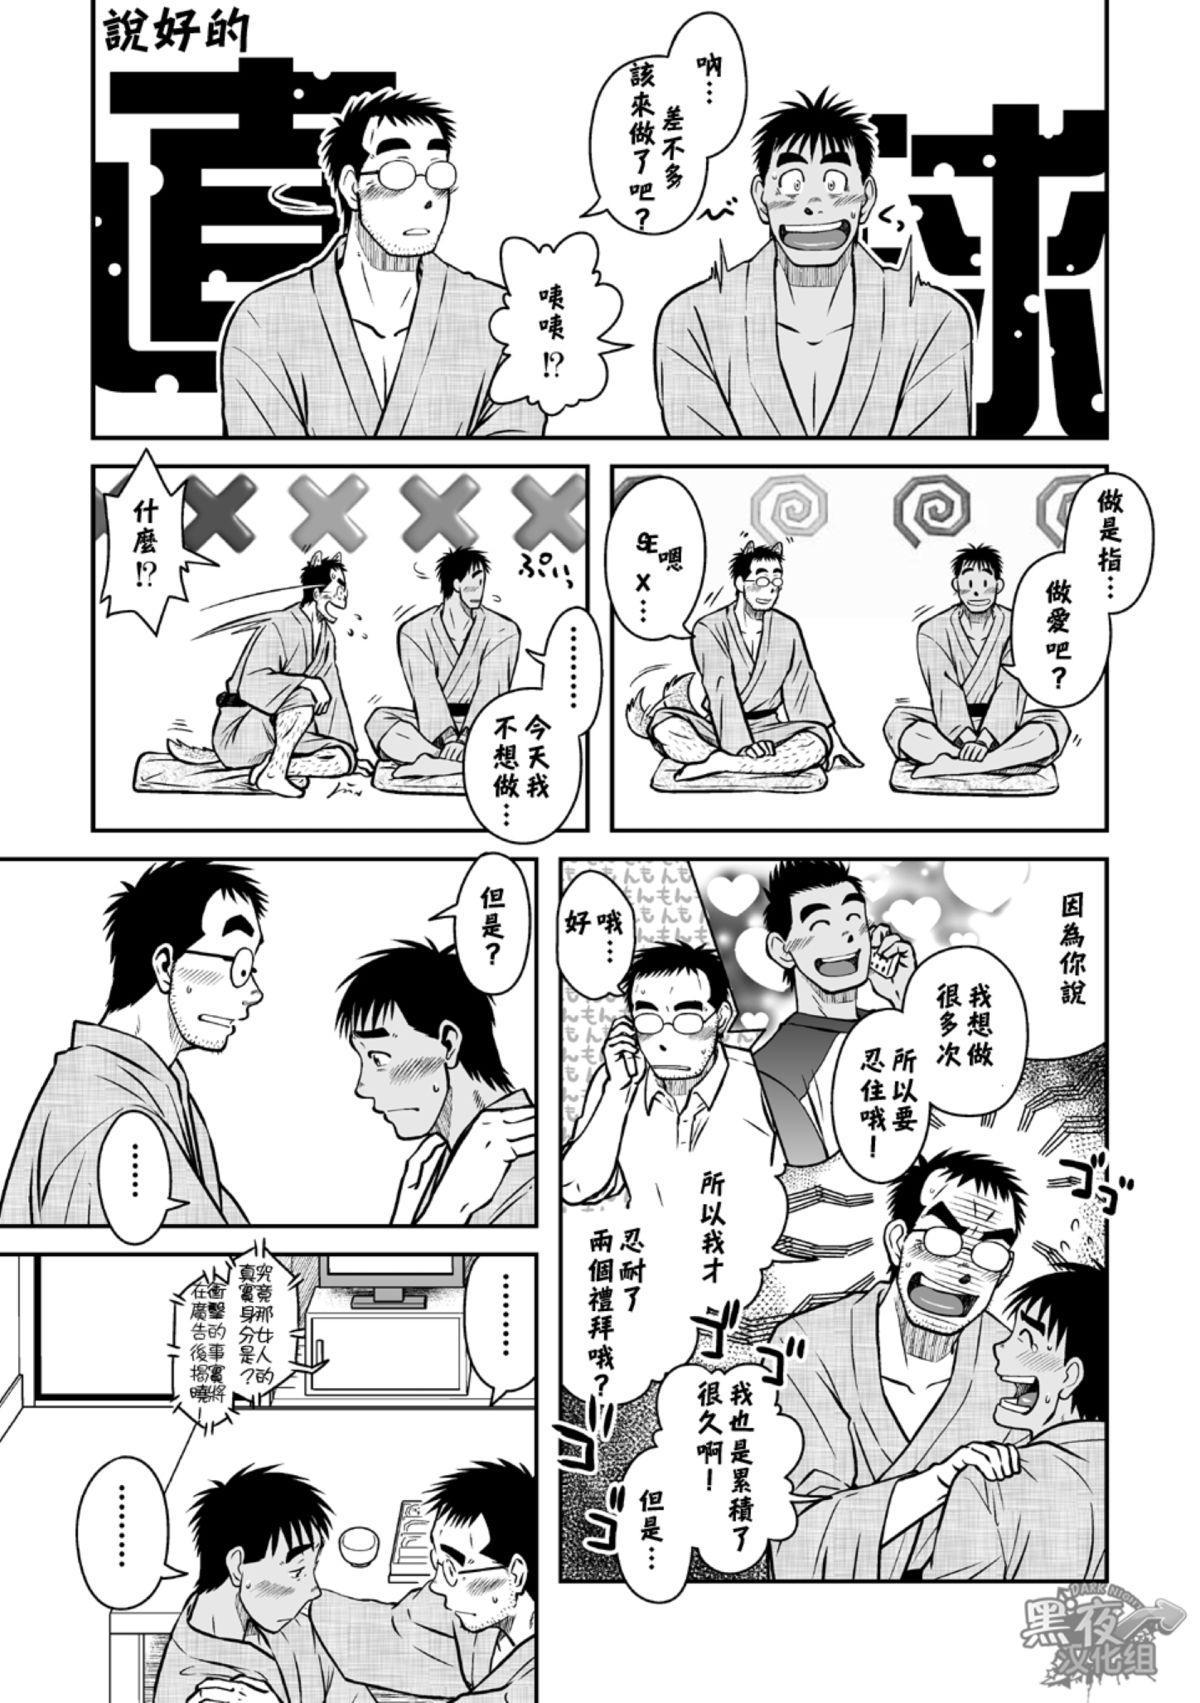 Hatsukoi Shoten 2 - Bururi Kaidan Ryokan | 初戀書店 2 6